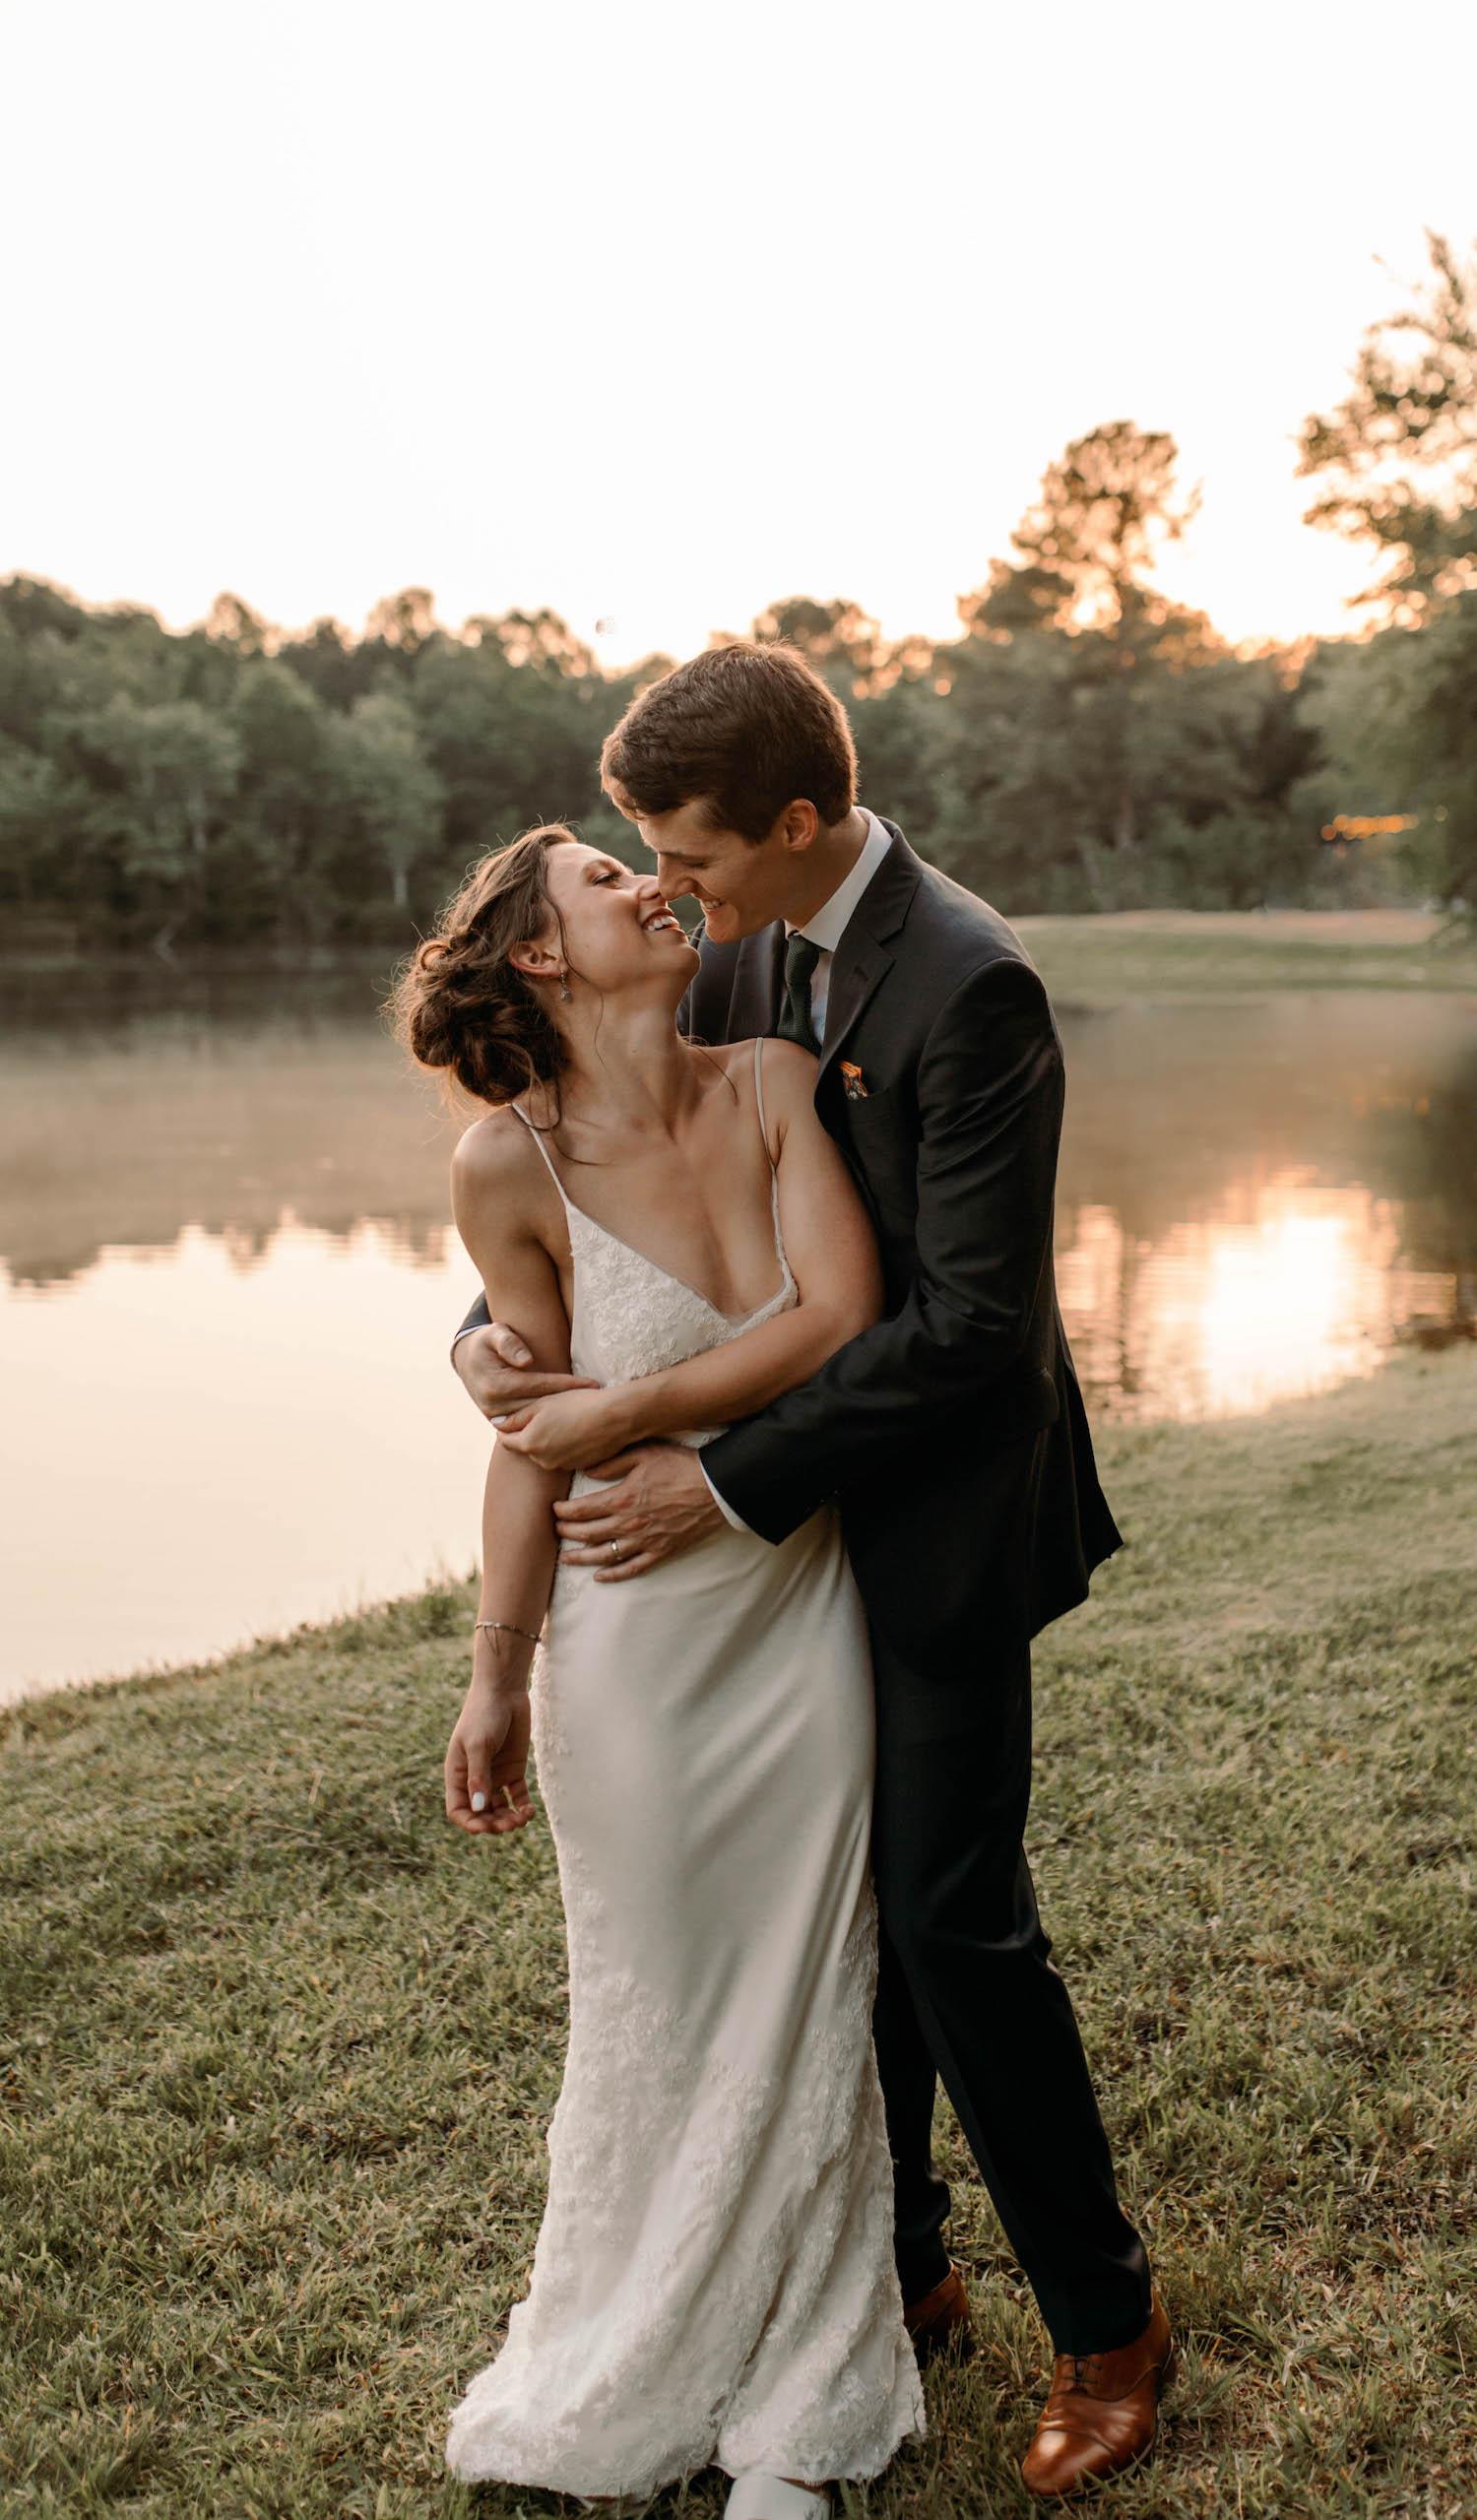 Carly-Adam-Three-Oaks-Farm-Wedding-437.jpg